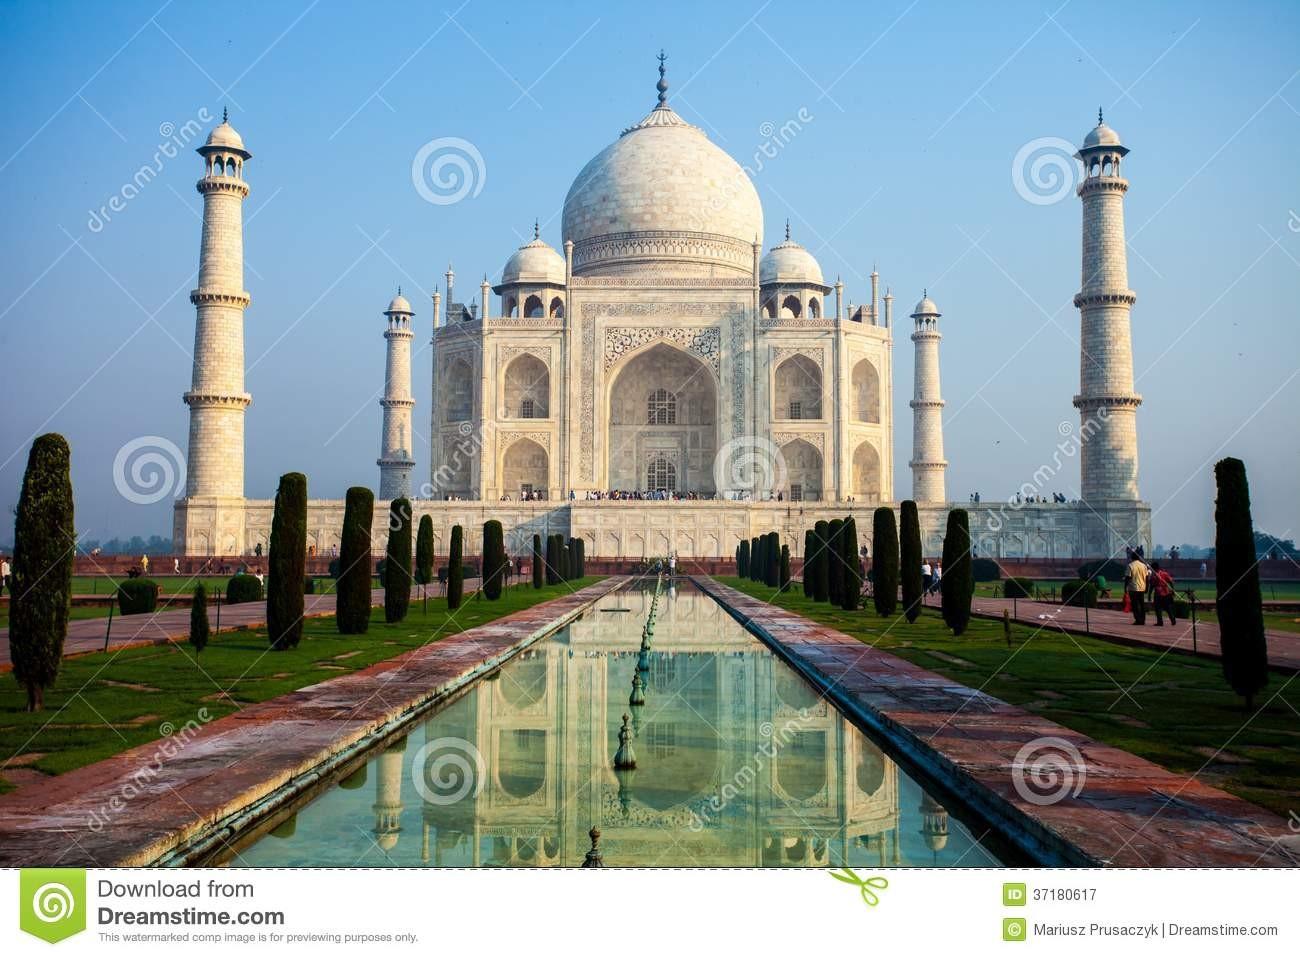 Les monuments historiques